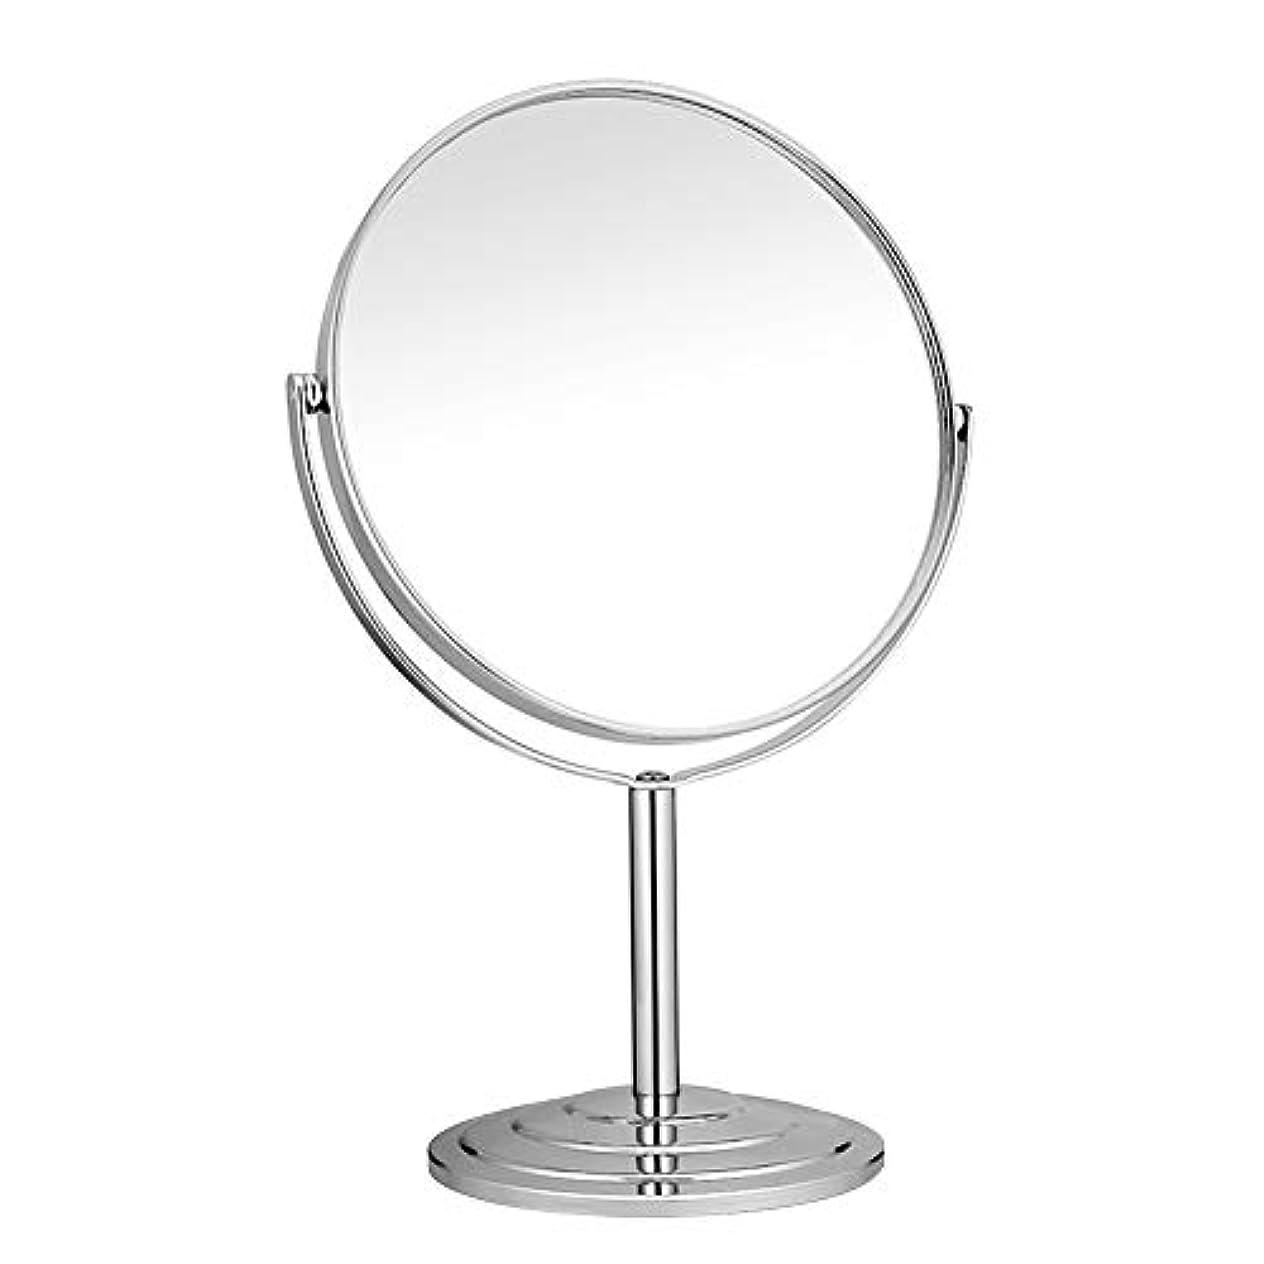 誘惑抜粋契約するRAAKIMO 卓上化粧鏡 メイクミラー 3倍拡大鏡+等倍鏡 両面型 スタンド 360度回転 シルバー (鏡面15cm)